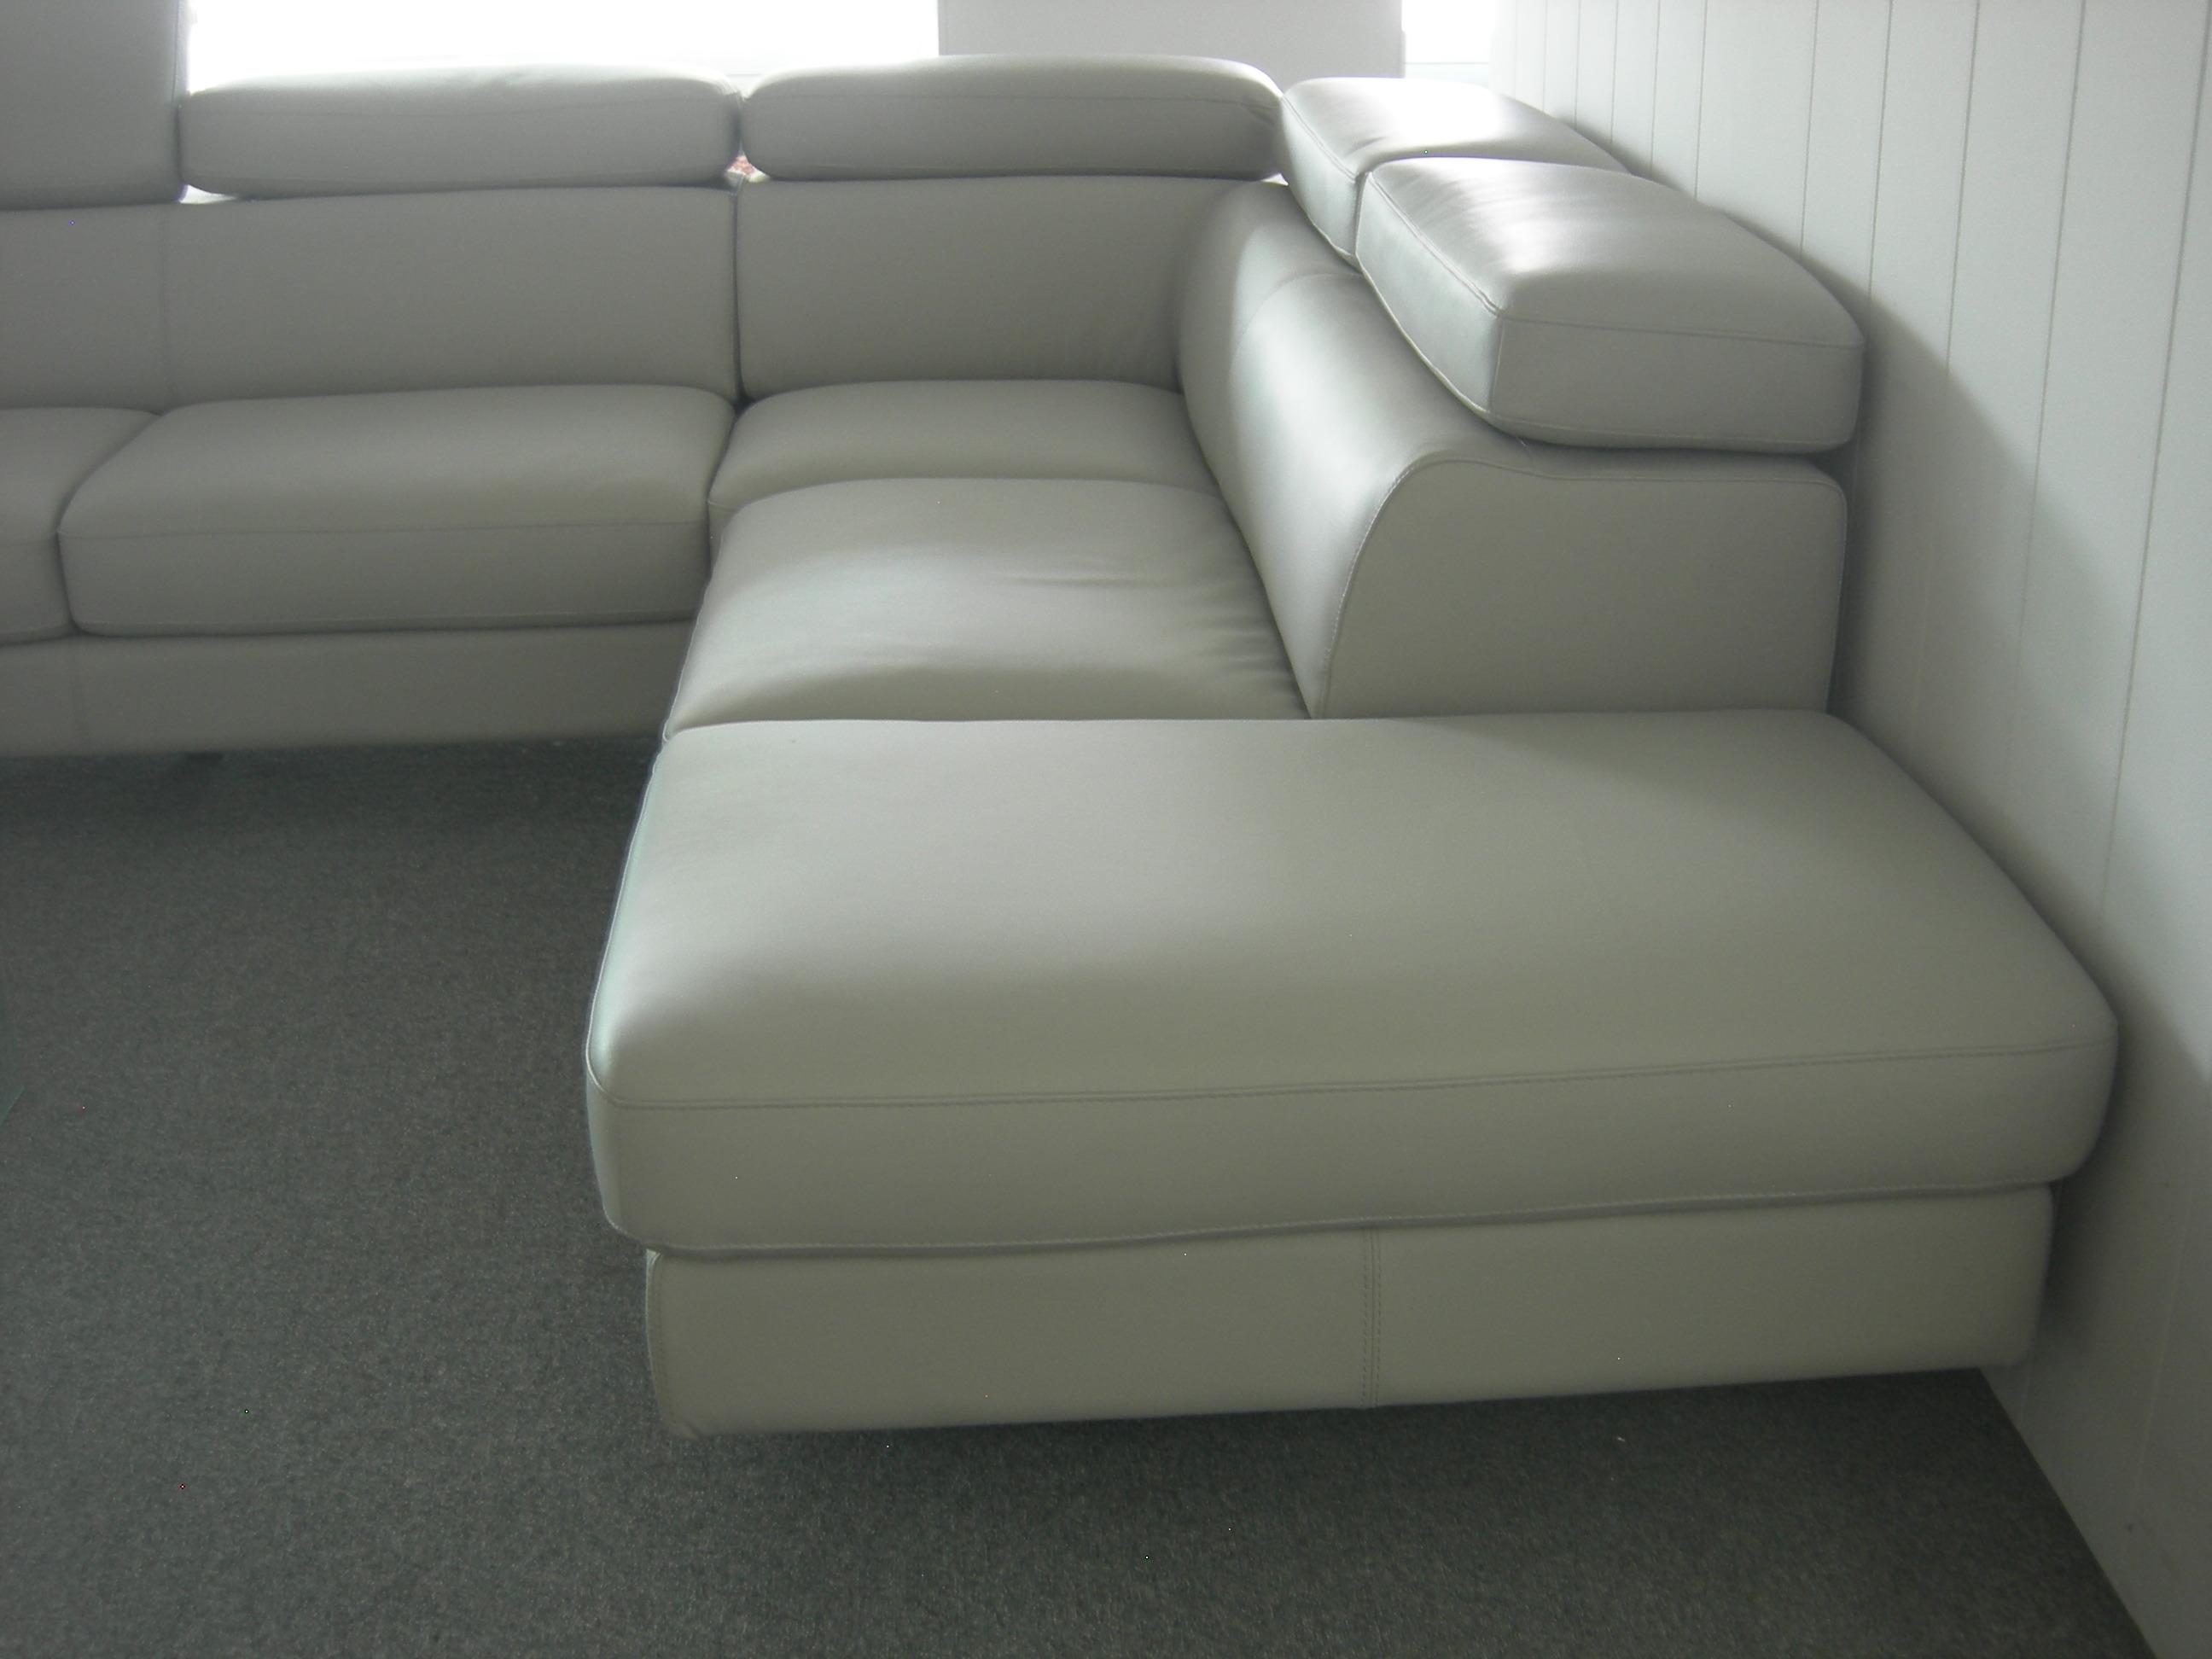 Rivestimento divano ikea il miglior design di - Ikea divano angolare ...